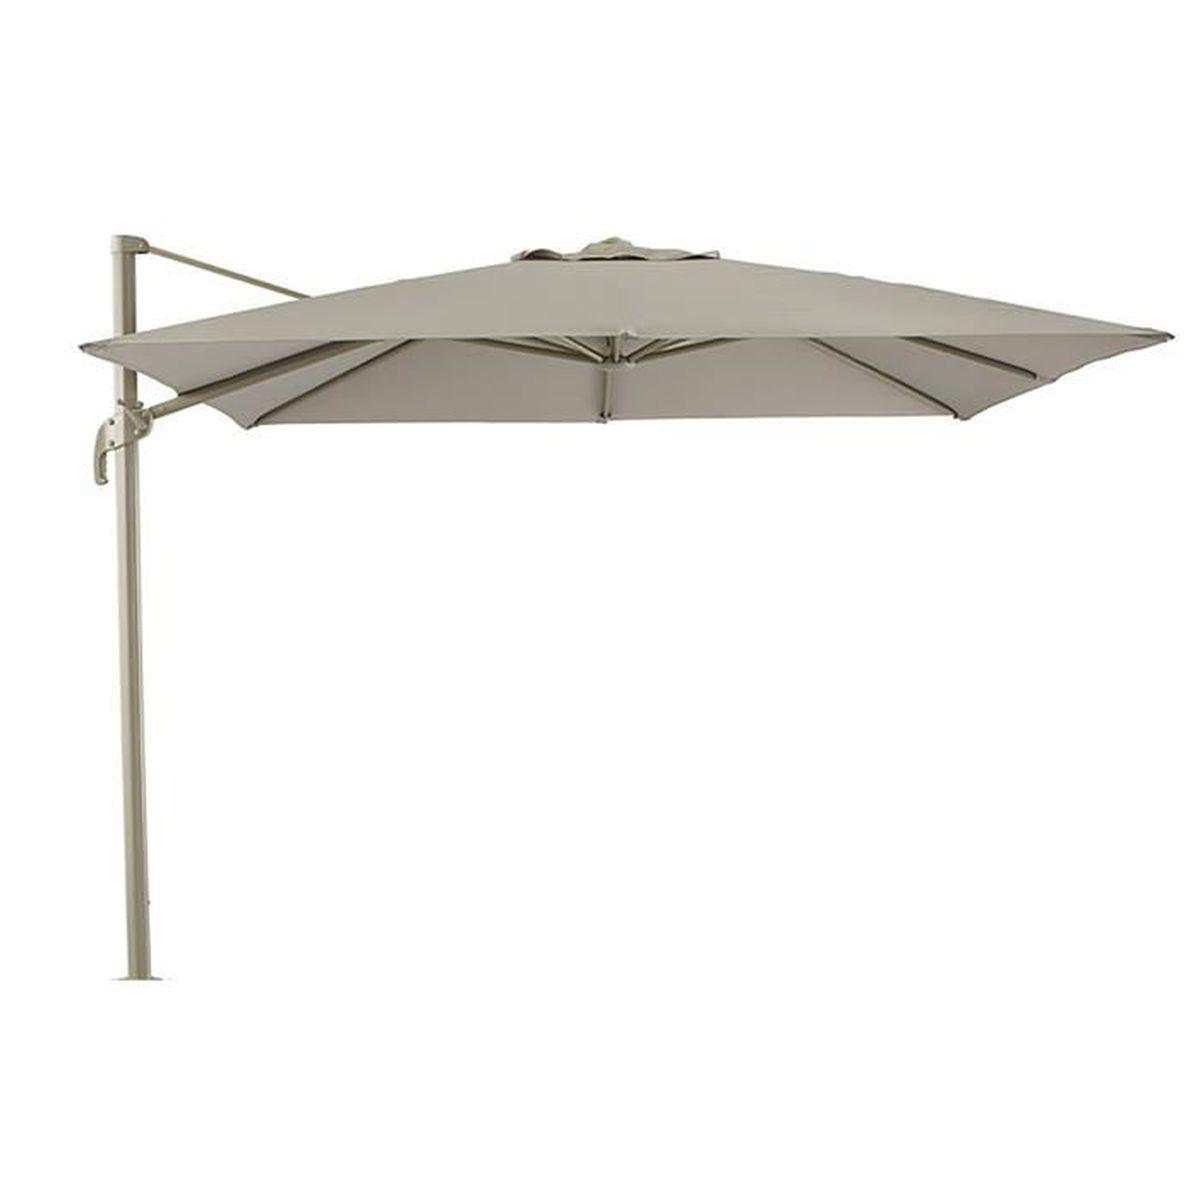 Parasol d port taupe en aluminium et polyester pied non compris 3 x 3 x 2 6 - Pied parasol deporte ...